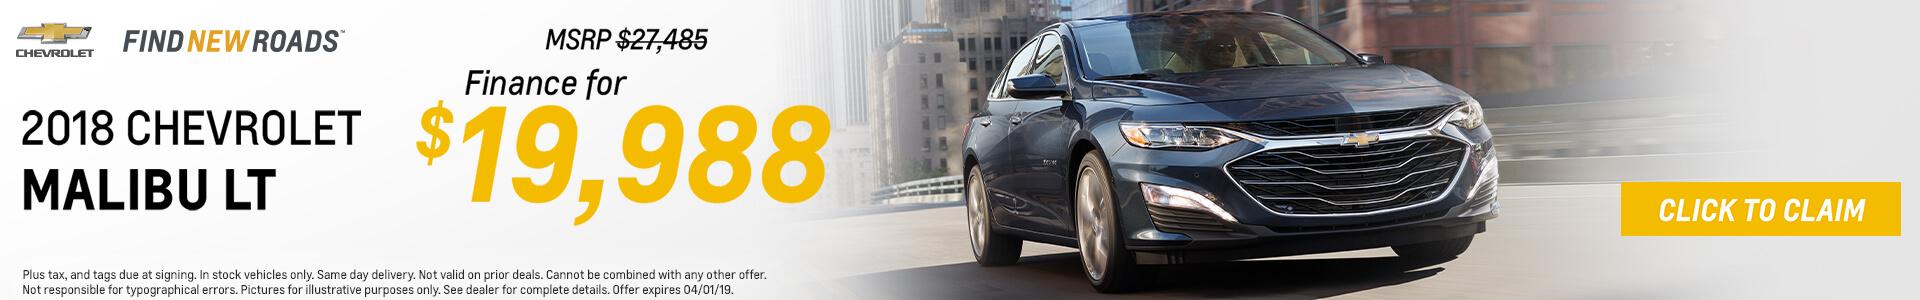 Chevrolet Malibu $19,988